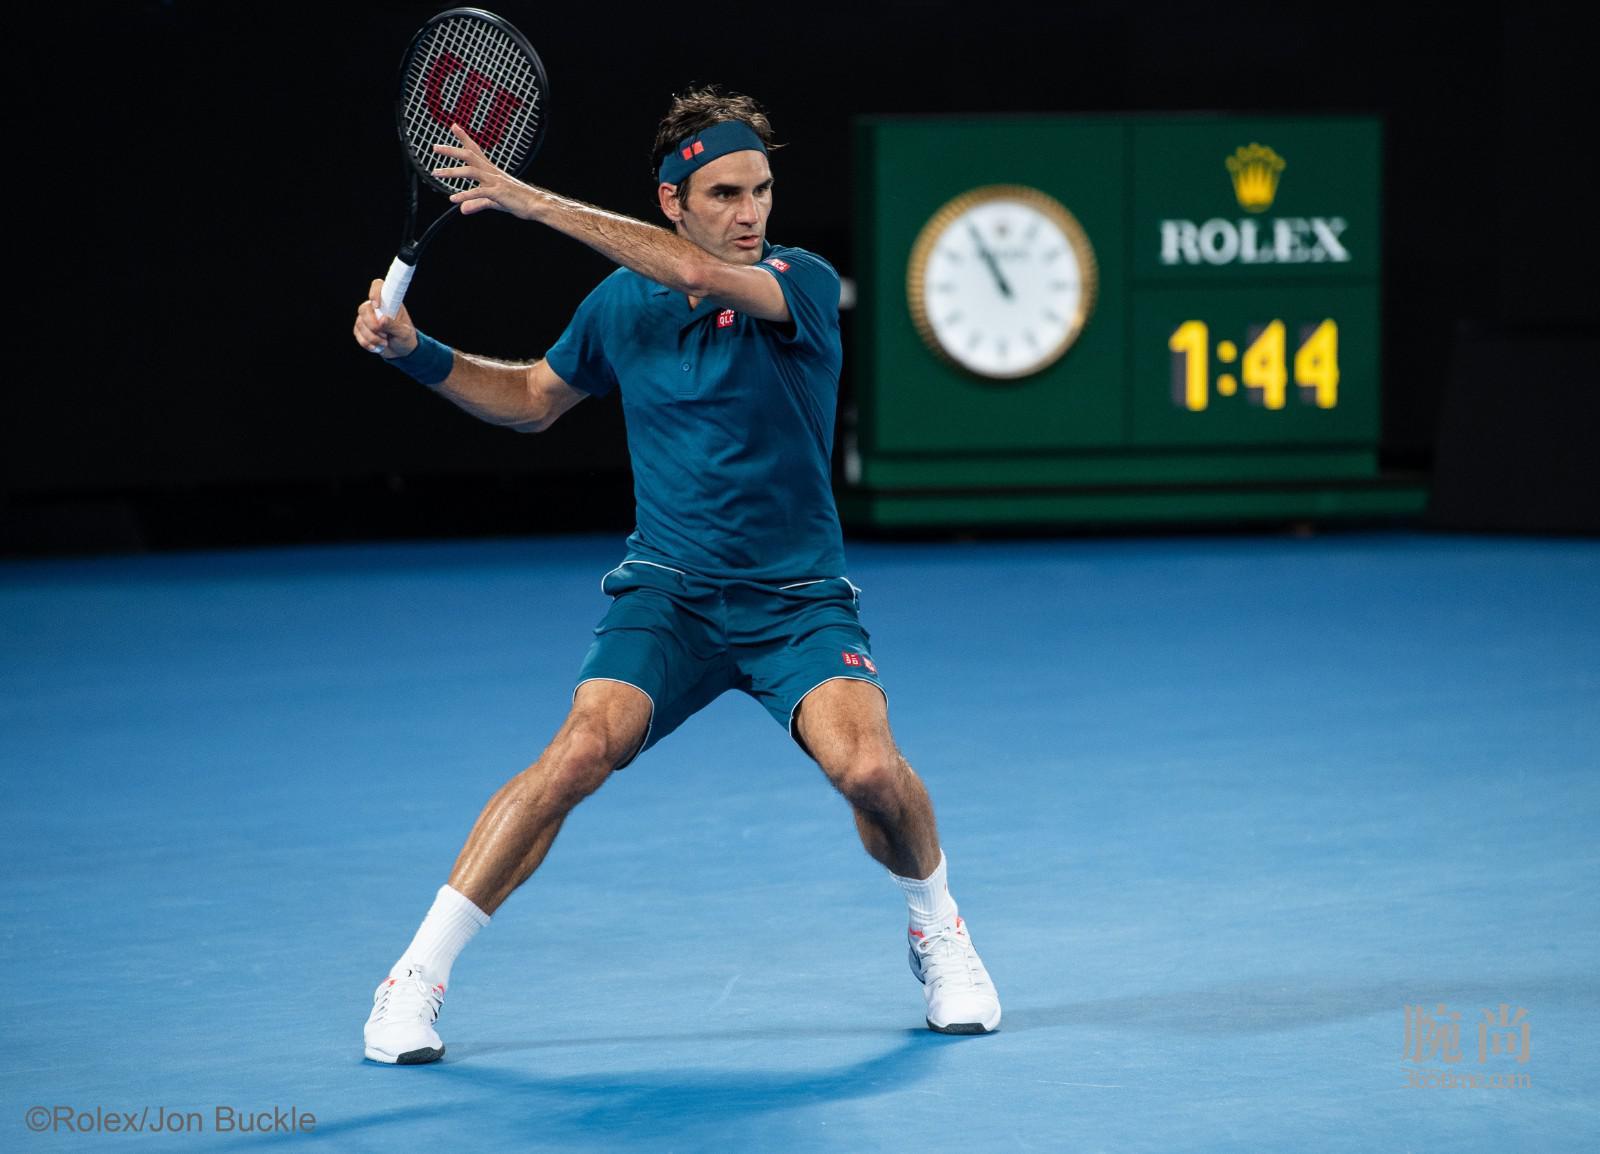 劳力士代言人罗杰•费德勒(ROGER FEDERER)于2019年澳大利亚网球公开赛©Rolex Jon Buckle(3).jpg